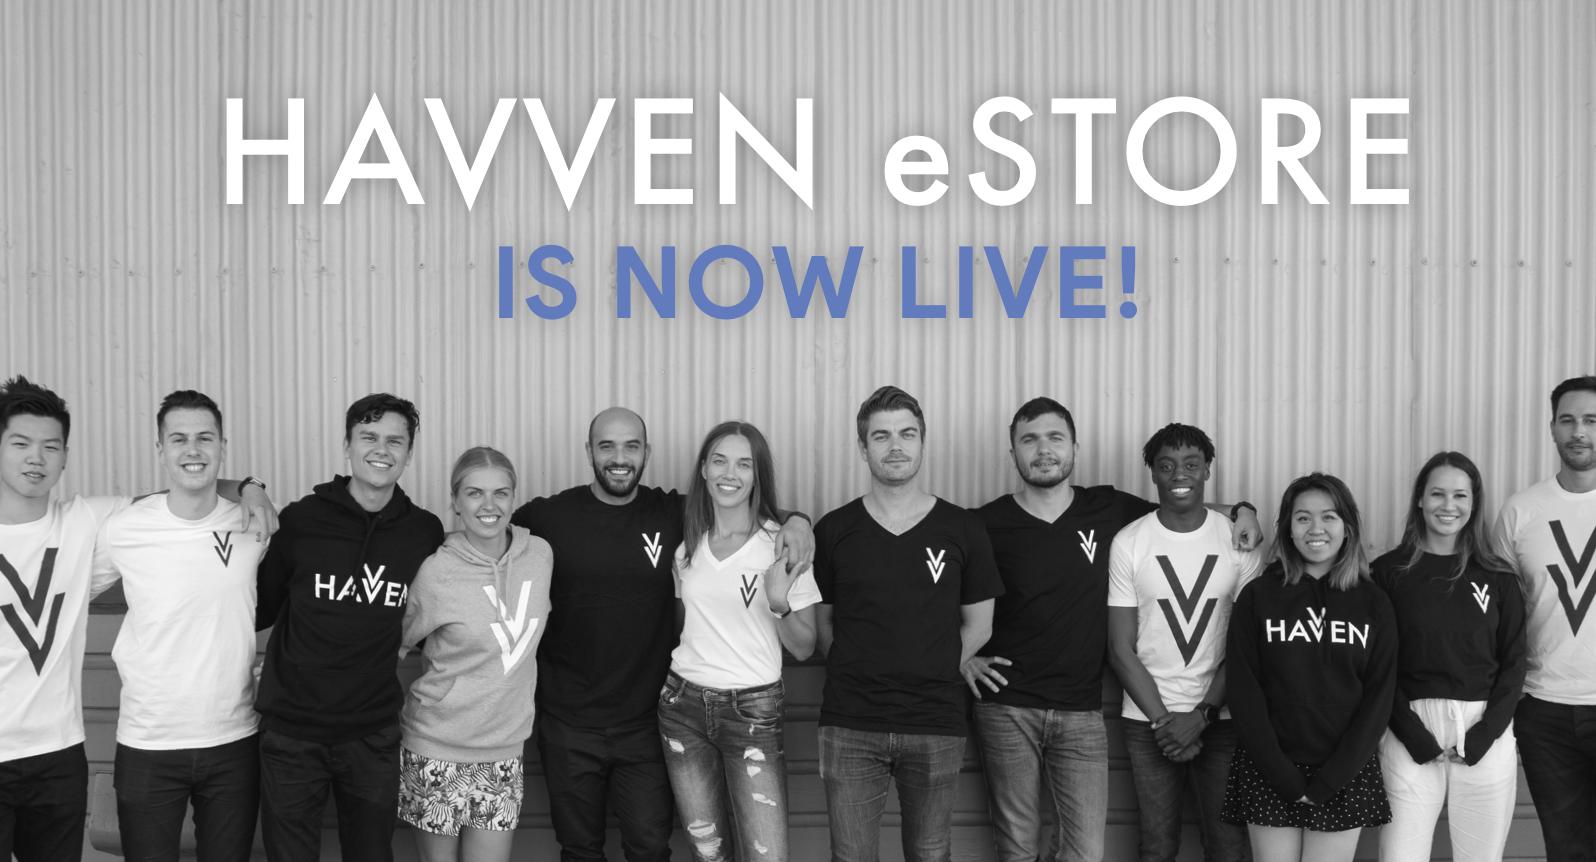 The Havven eStore is now live!